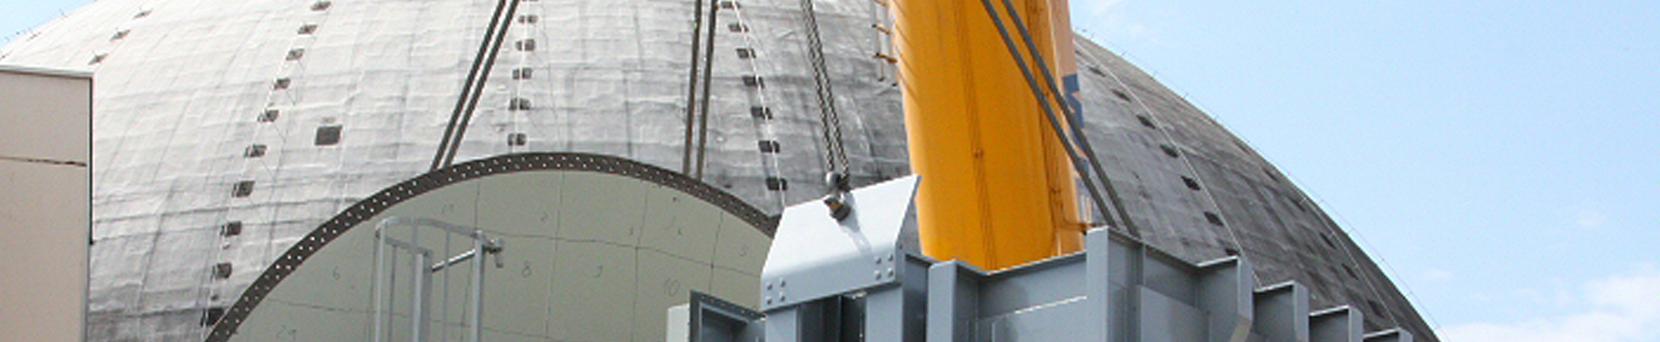 Rückbau von Nukleartechnischen Anlagen